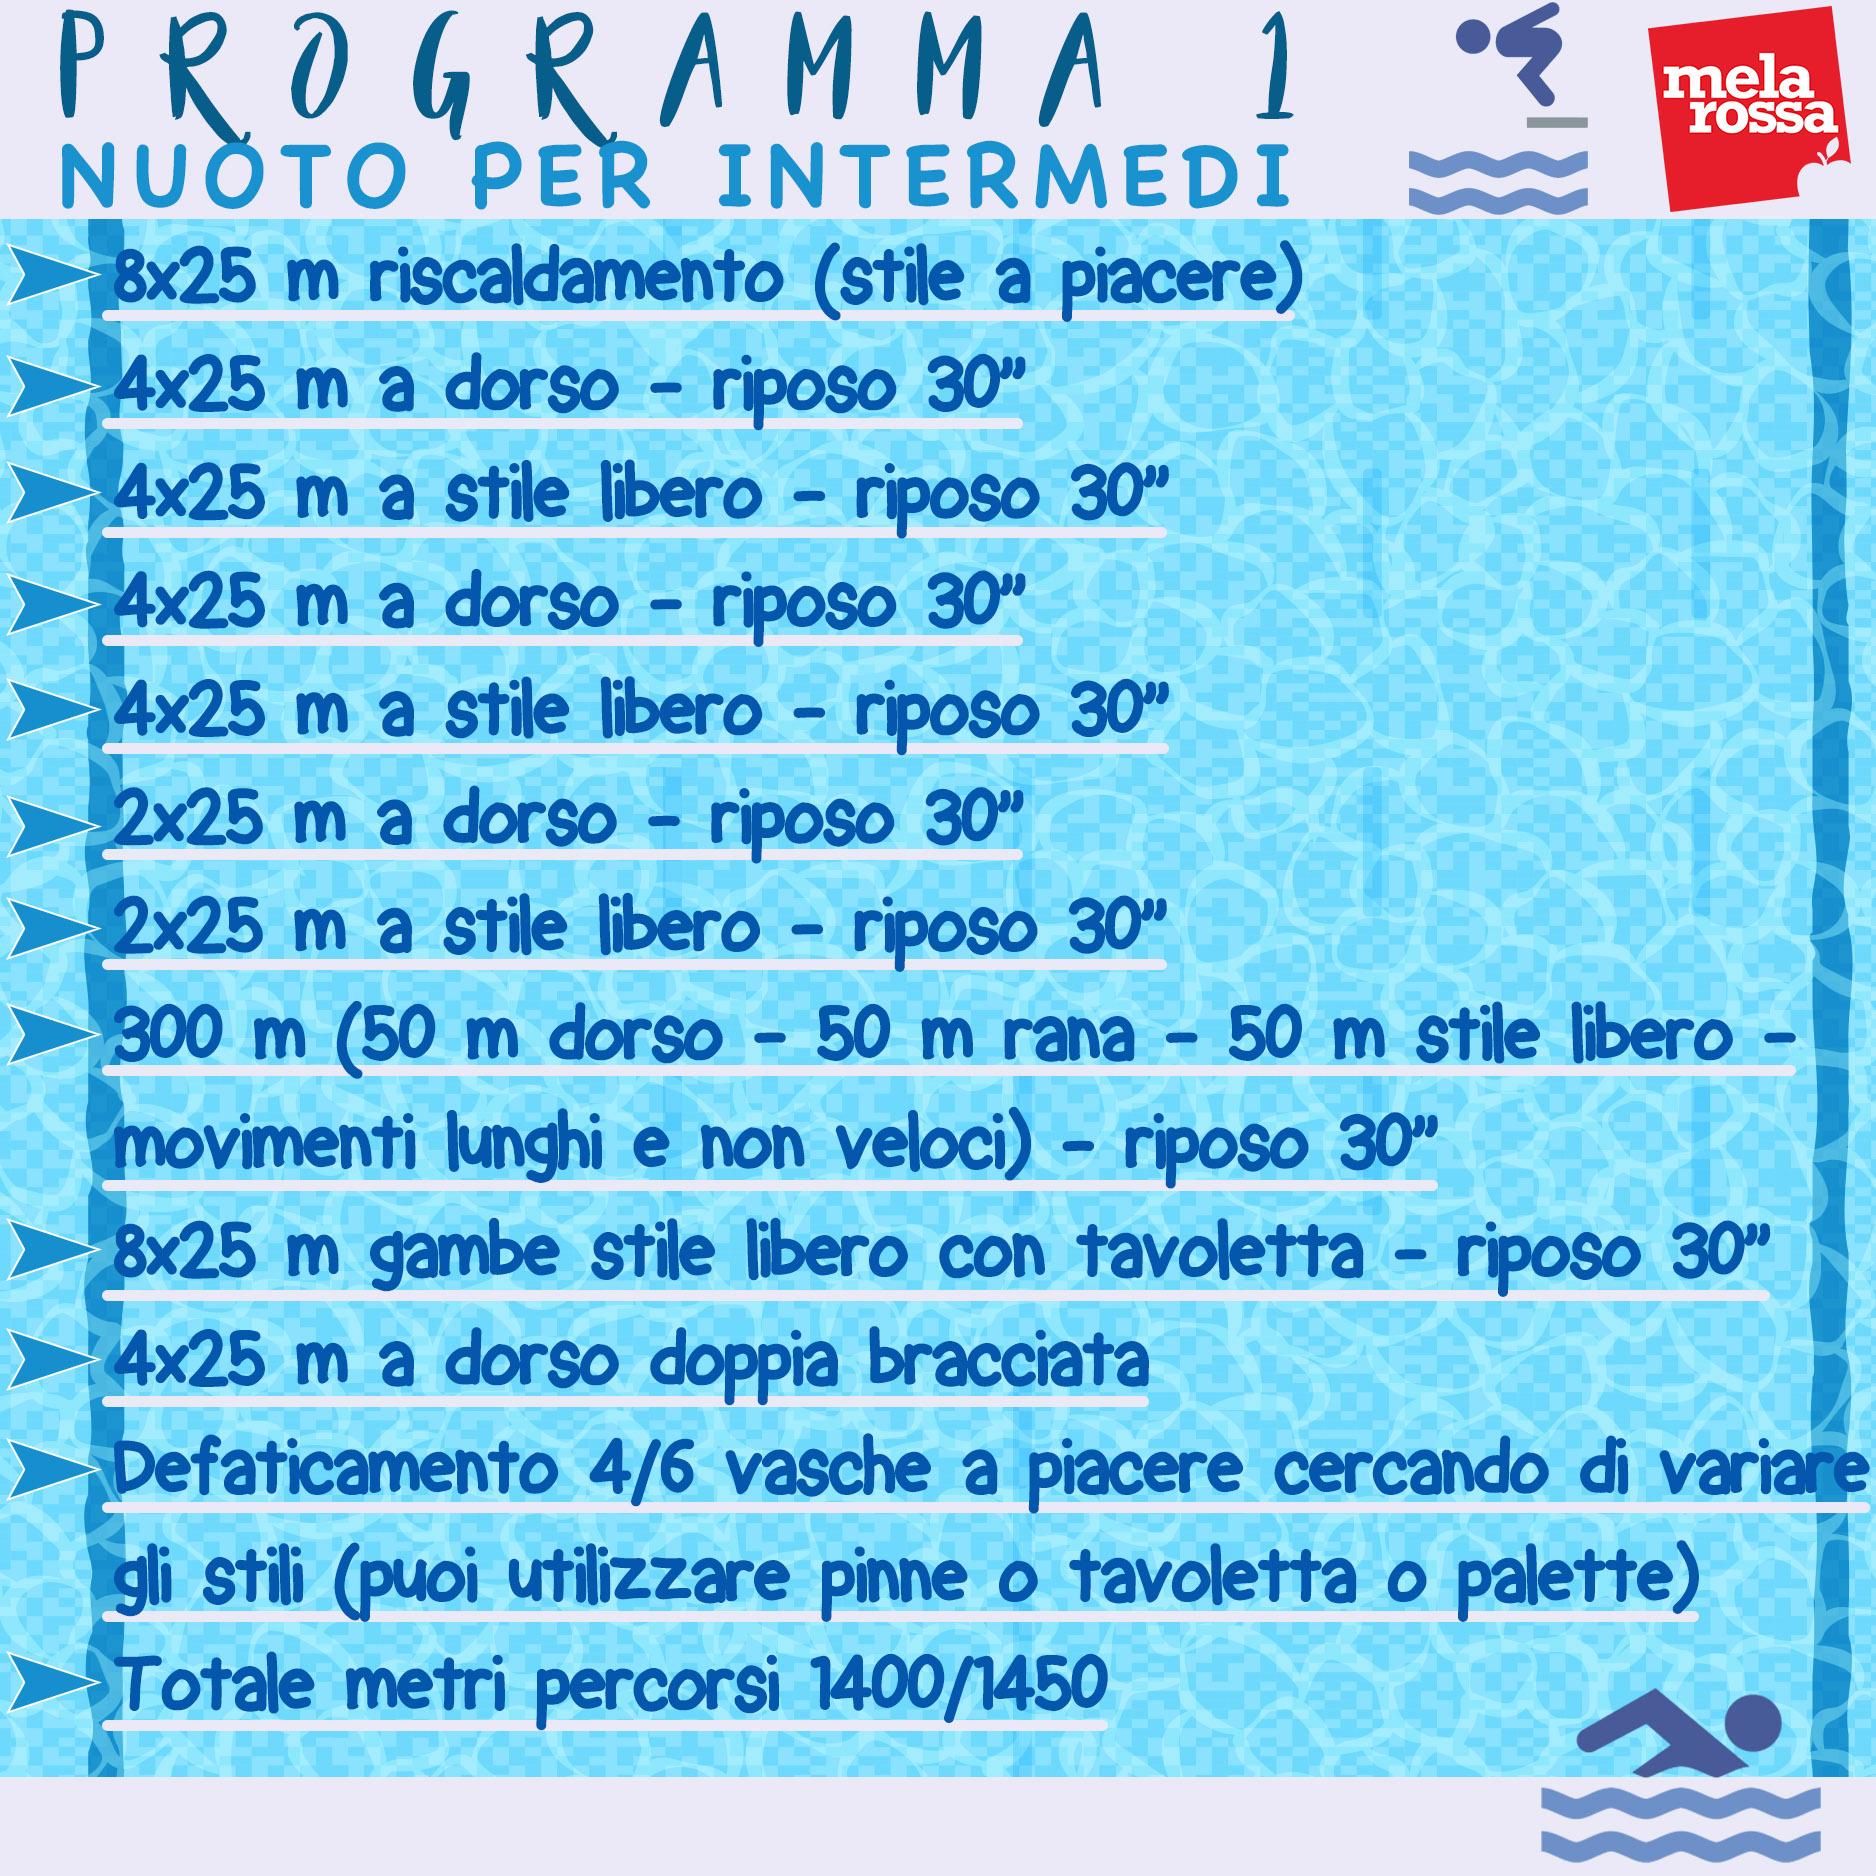 Torna in forma con il programma nuoto intermedio melarossa - Piscina trezzano sul naviglio nuoto libero ...